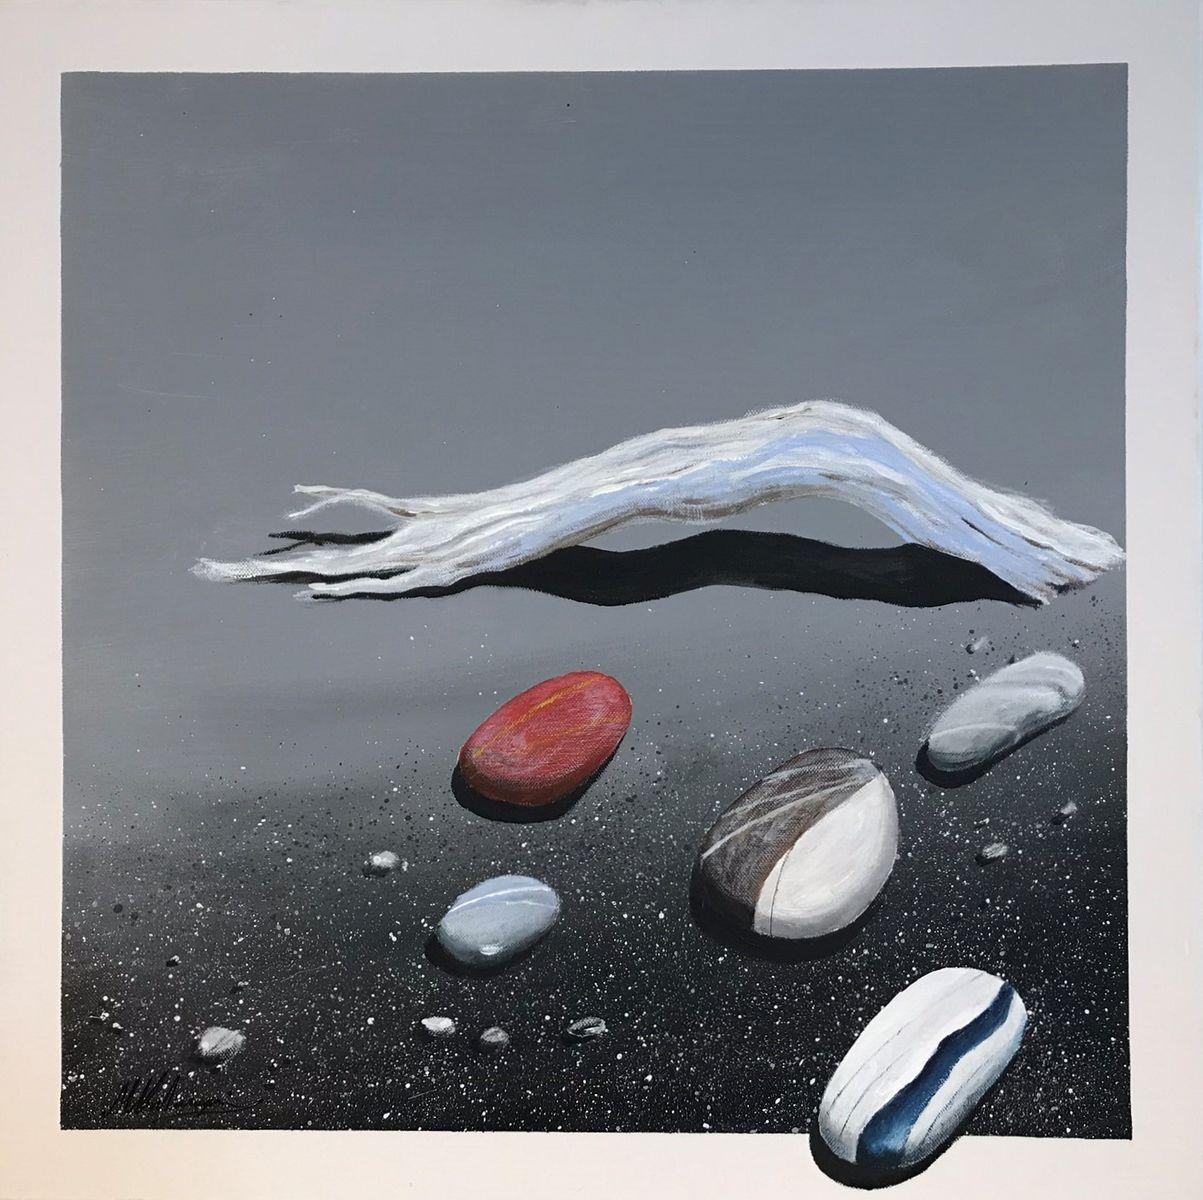 Μιχάλης Καλοκαιρινός 60×60 εκ Ακρυλικά σε καμβά Michael Kalokairinos 60×60 cm Acrylics on canvas